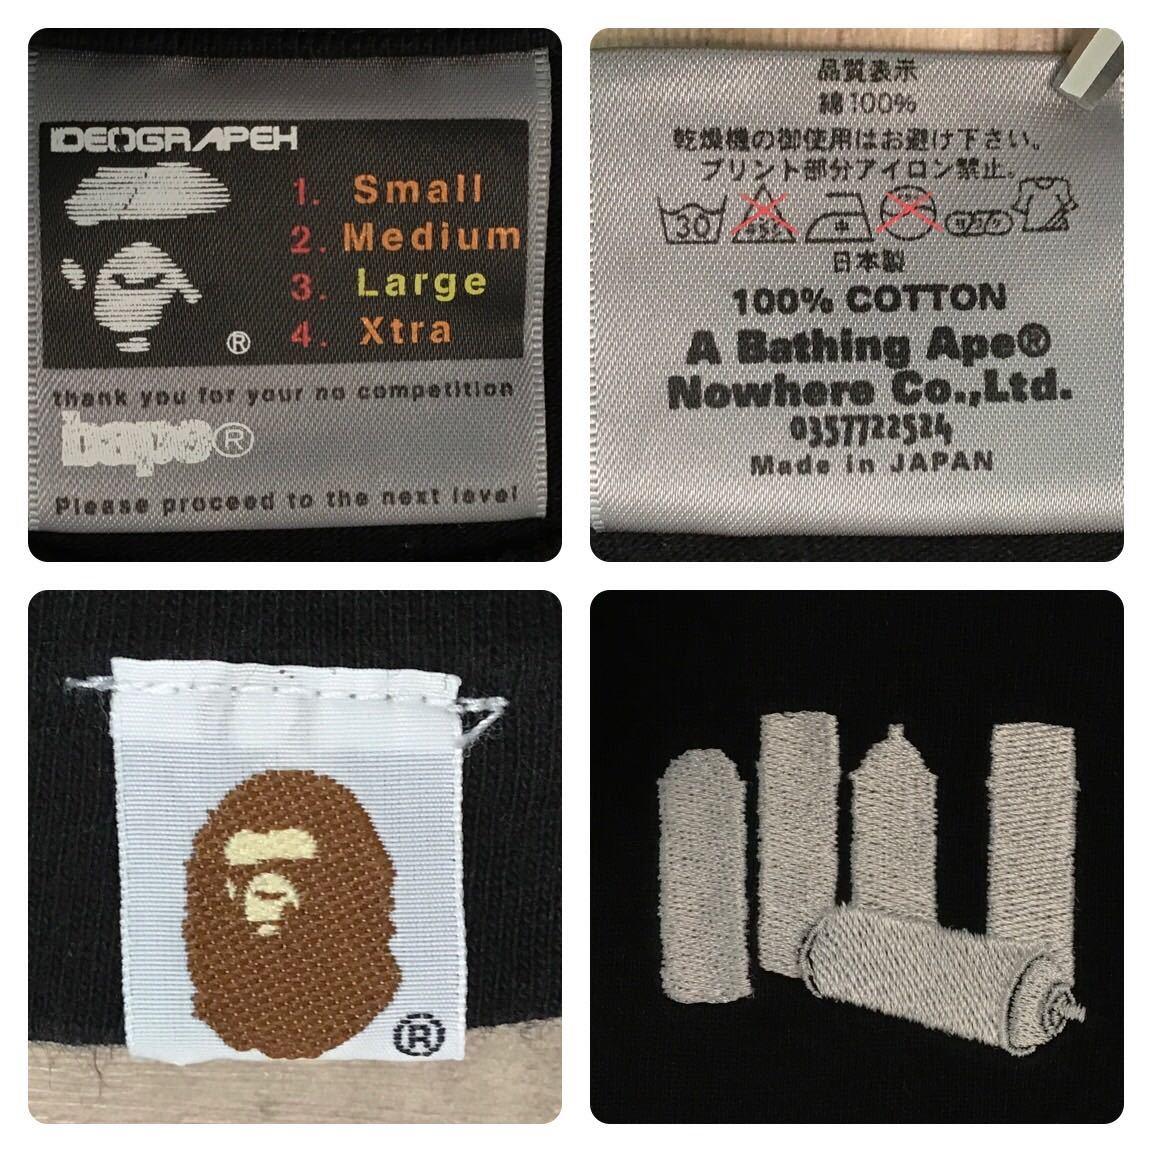 ★激レア★ 2002年 stash展 限定 Tシャツ Lサイズ bape gallery a bathing ape スタッシュ aoyama limited エイプ ベイプ スプレー nigo f3